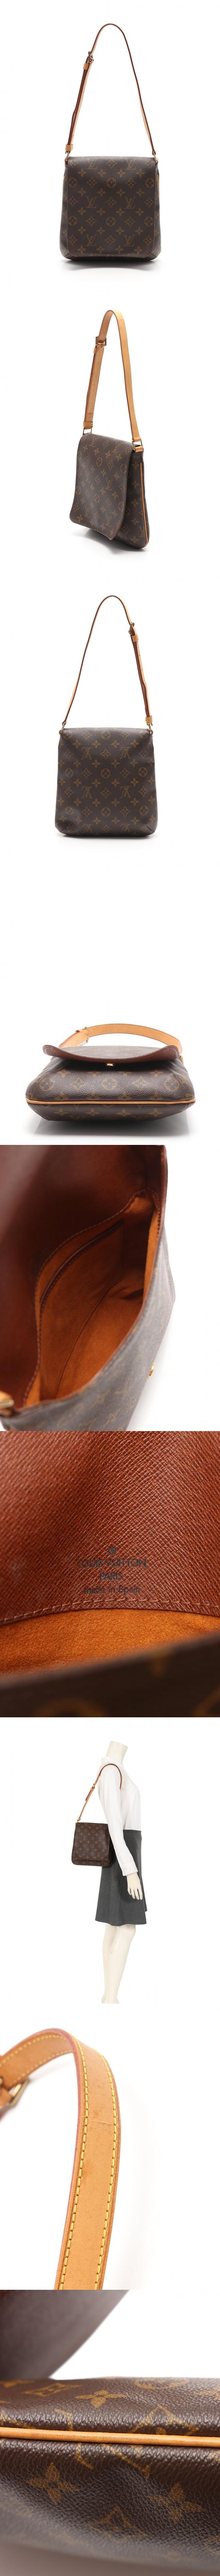 ショルダーバッグ ポシェット ミュゼットサルサ ショートストラップ モノグラム 茶 M51258 PVC レザー